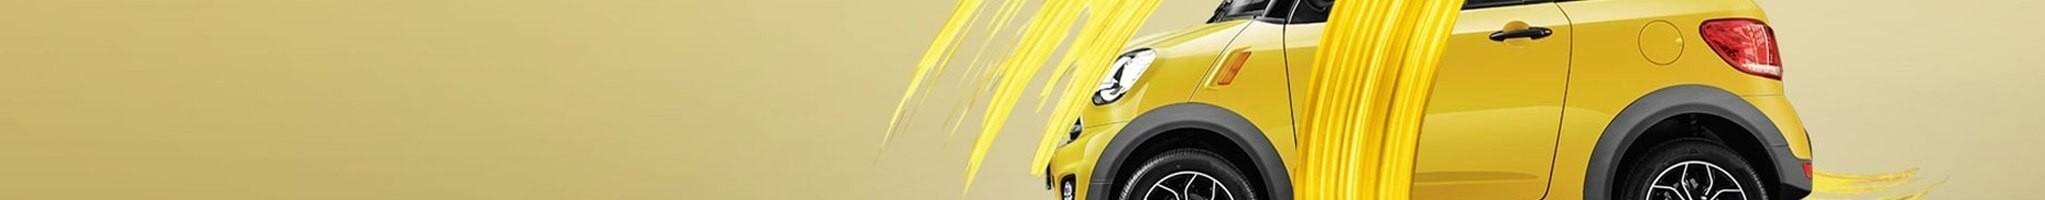 Comprar micro coche eléctrico   New Energy Mobility su tienda online de eMobility con los mejores precios